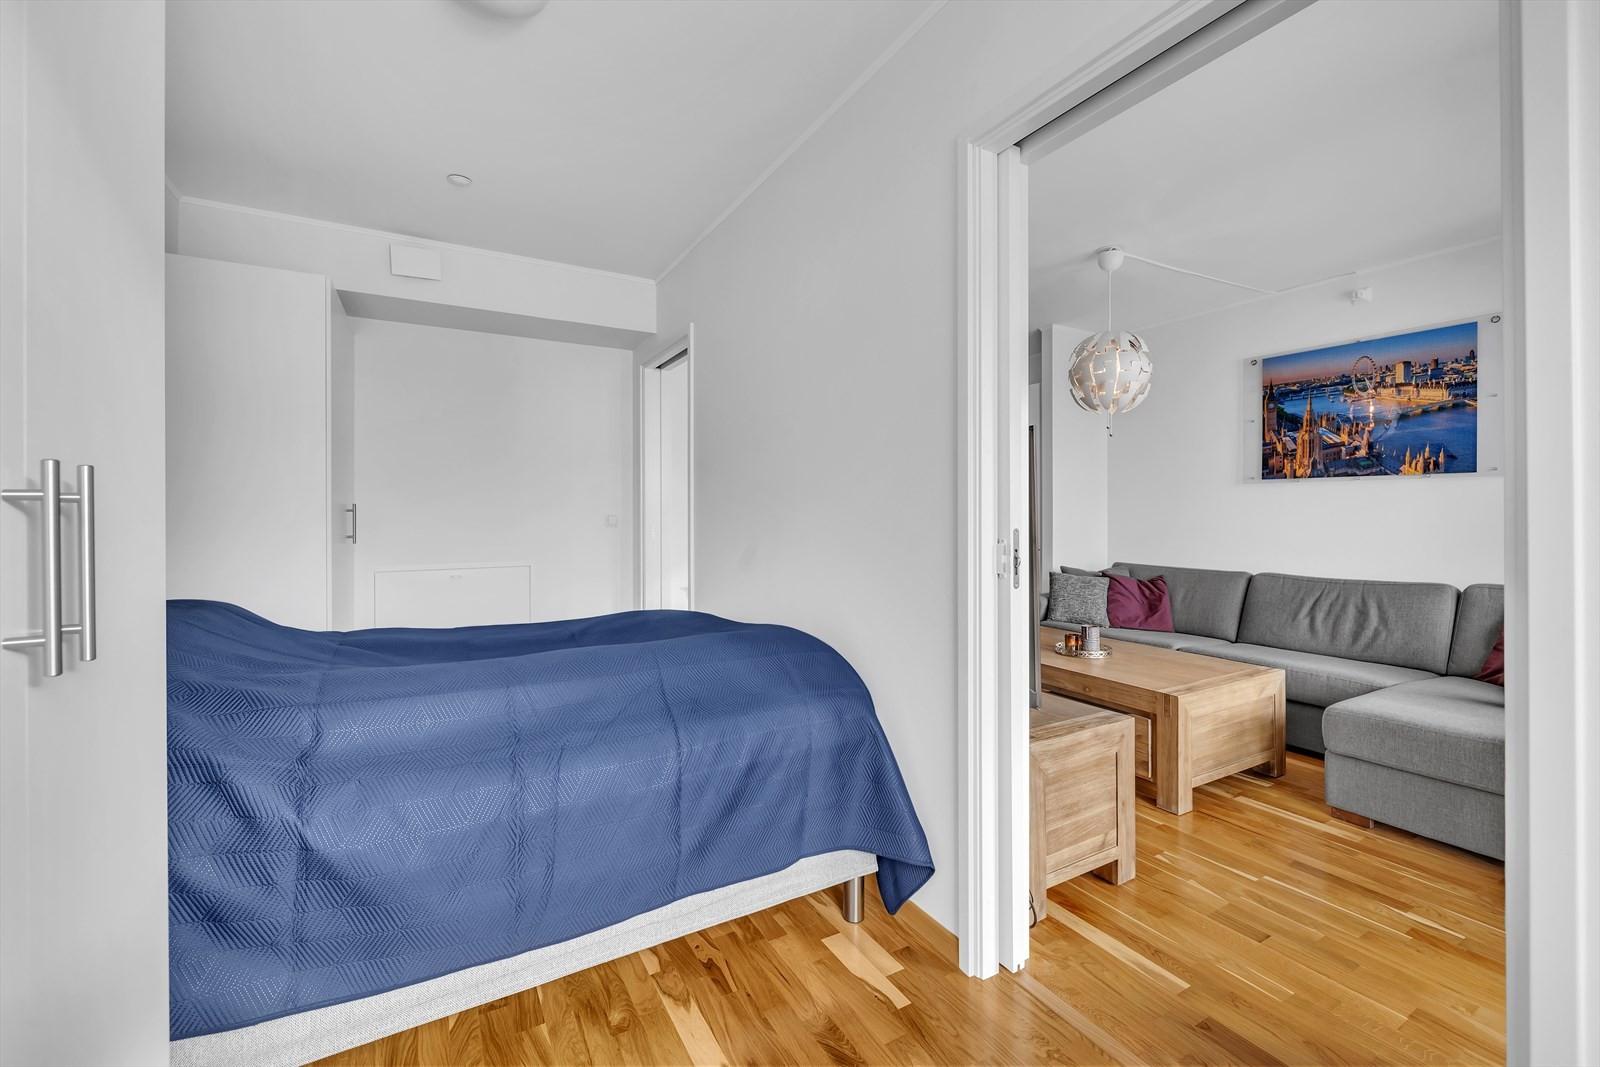 Skyvedører mellom stuen og soverommet